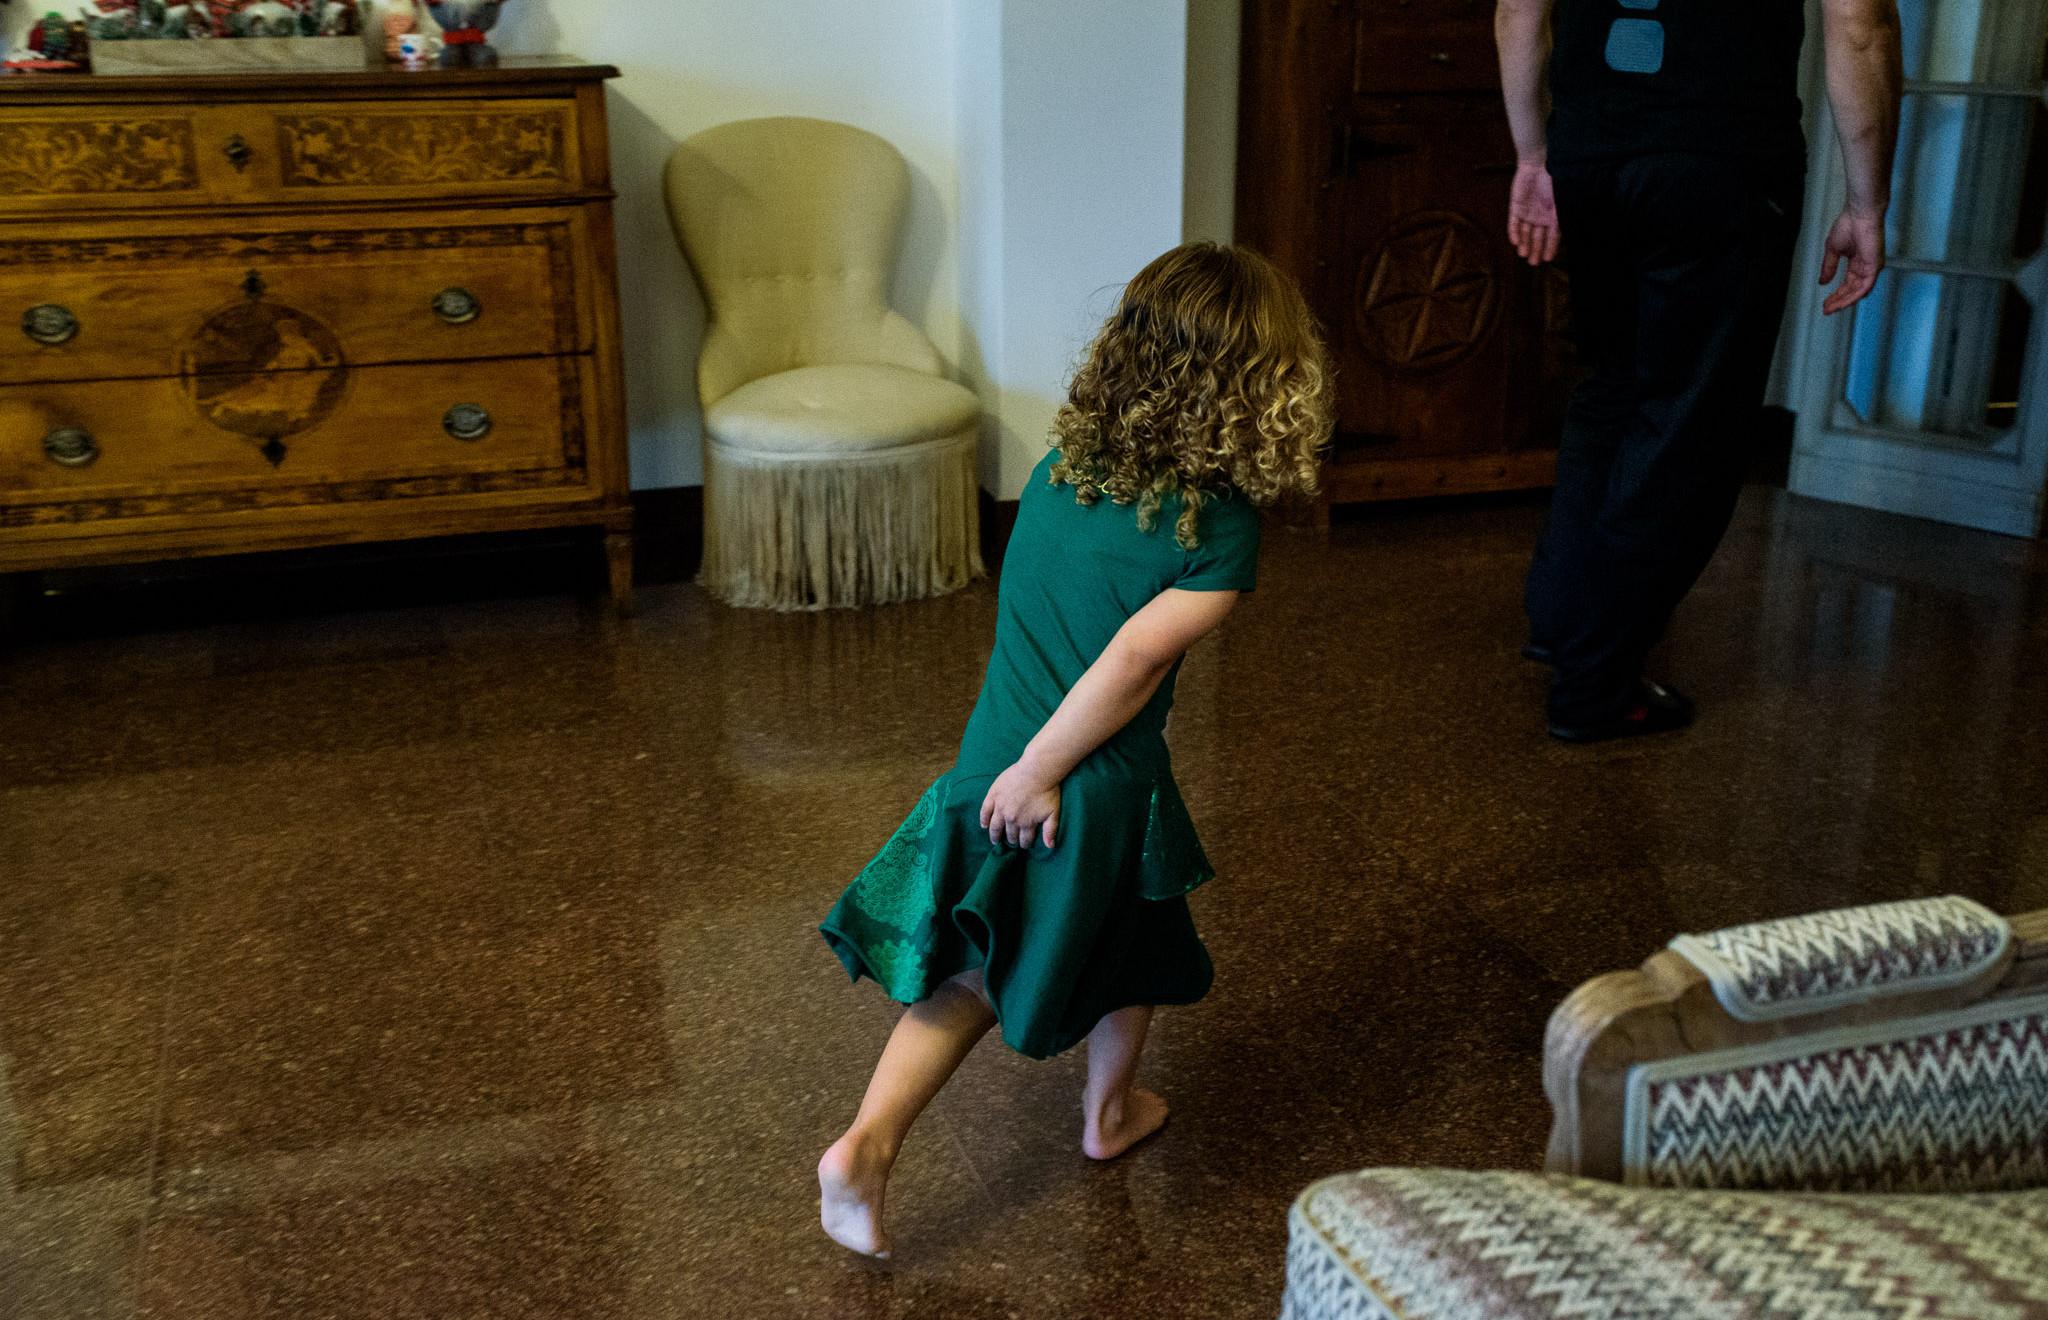 girl runs to the bathroom